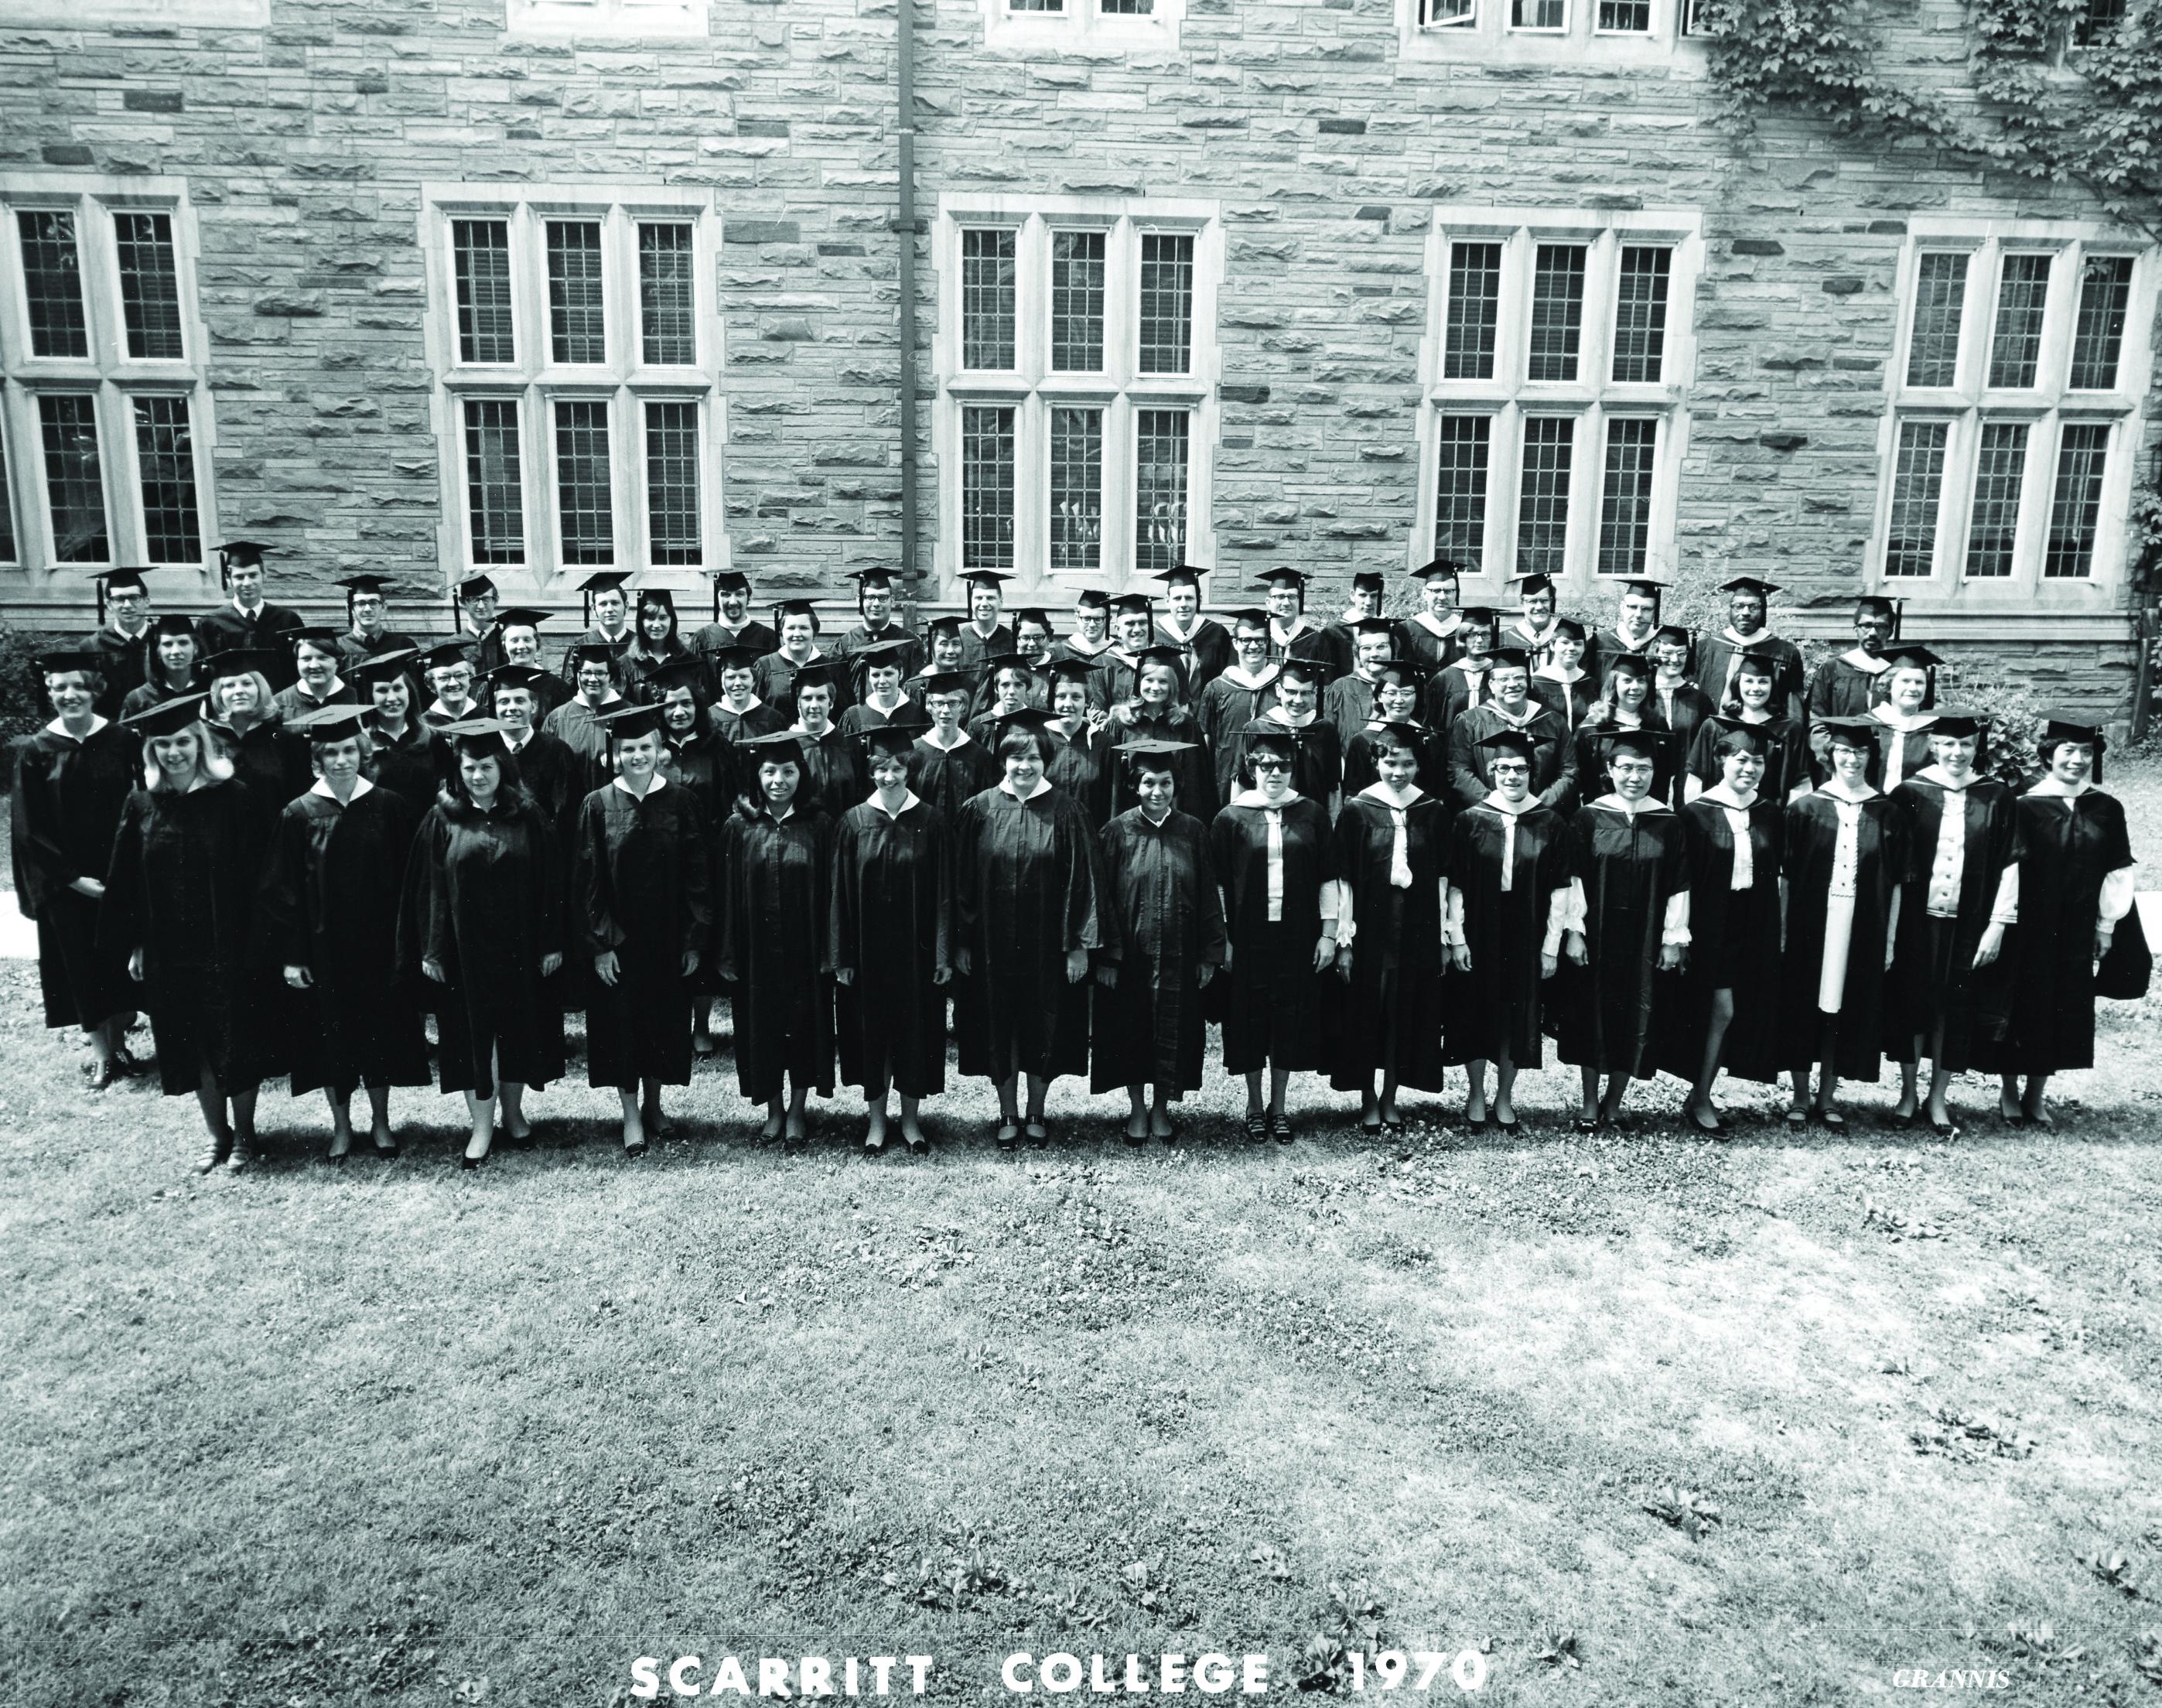 Scarritt College 1970 graduating class